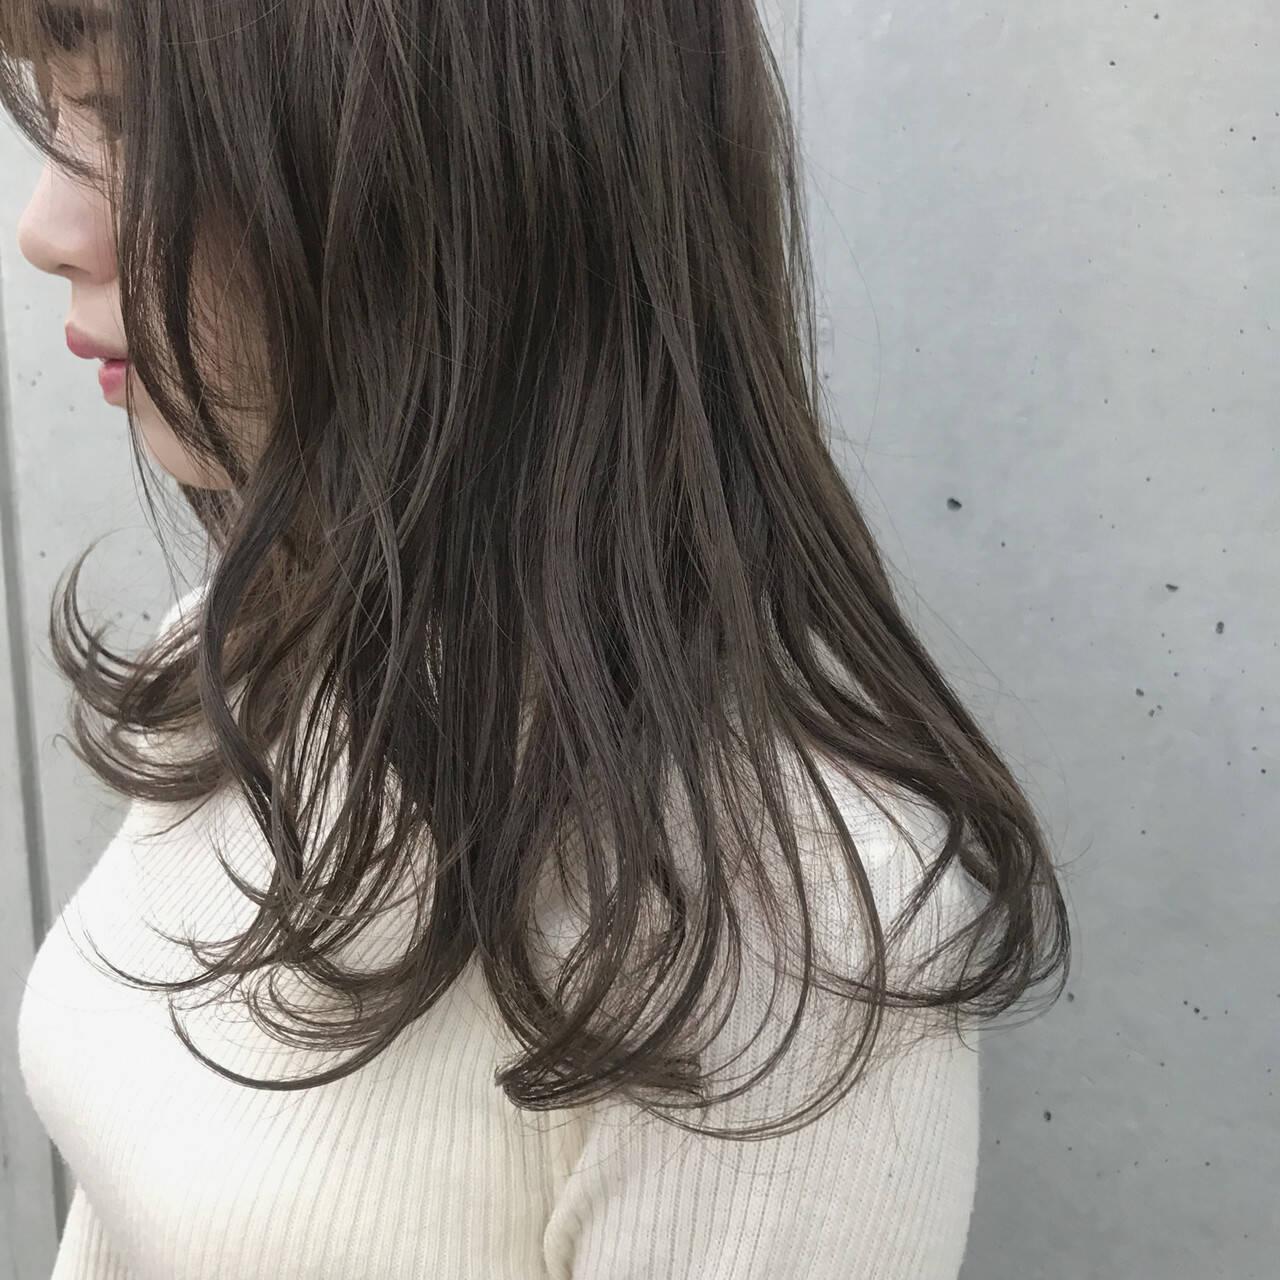 オーガニックアッシュ ナチュラル オーガニックカラー オーガニックヘアスタイルや髪型の写真・画像